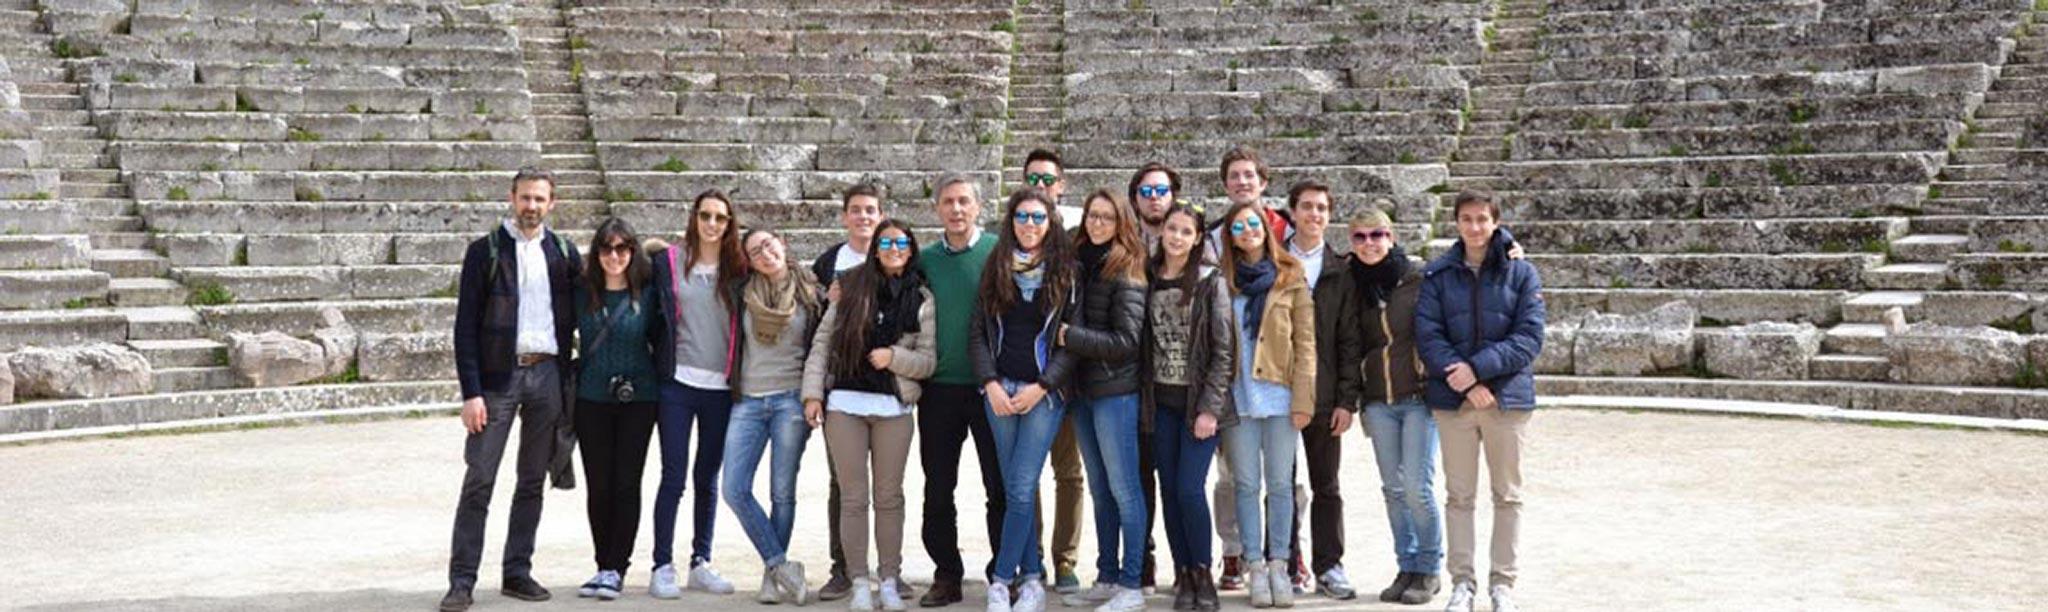 studenti-liceo-2048px